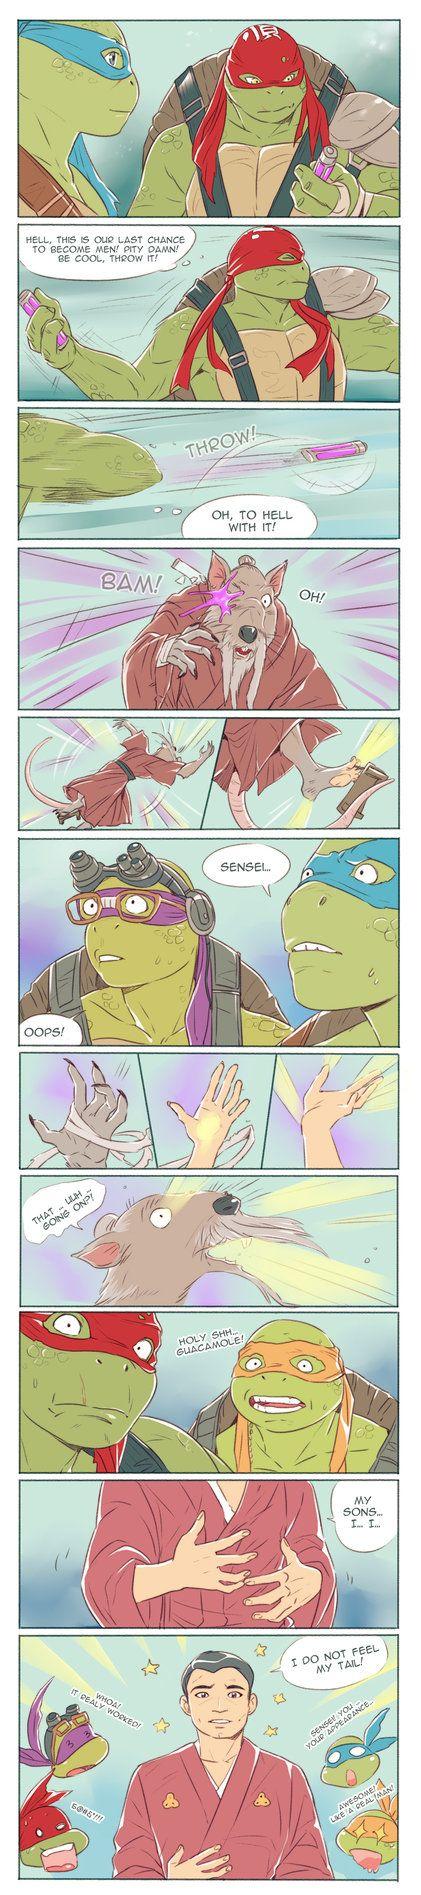 Teenage Mutant Ninja Turtles Rule 34